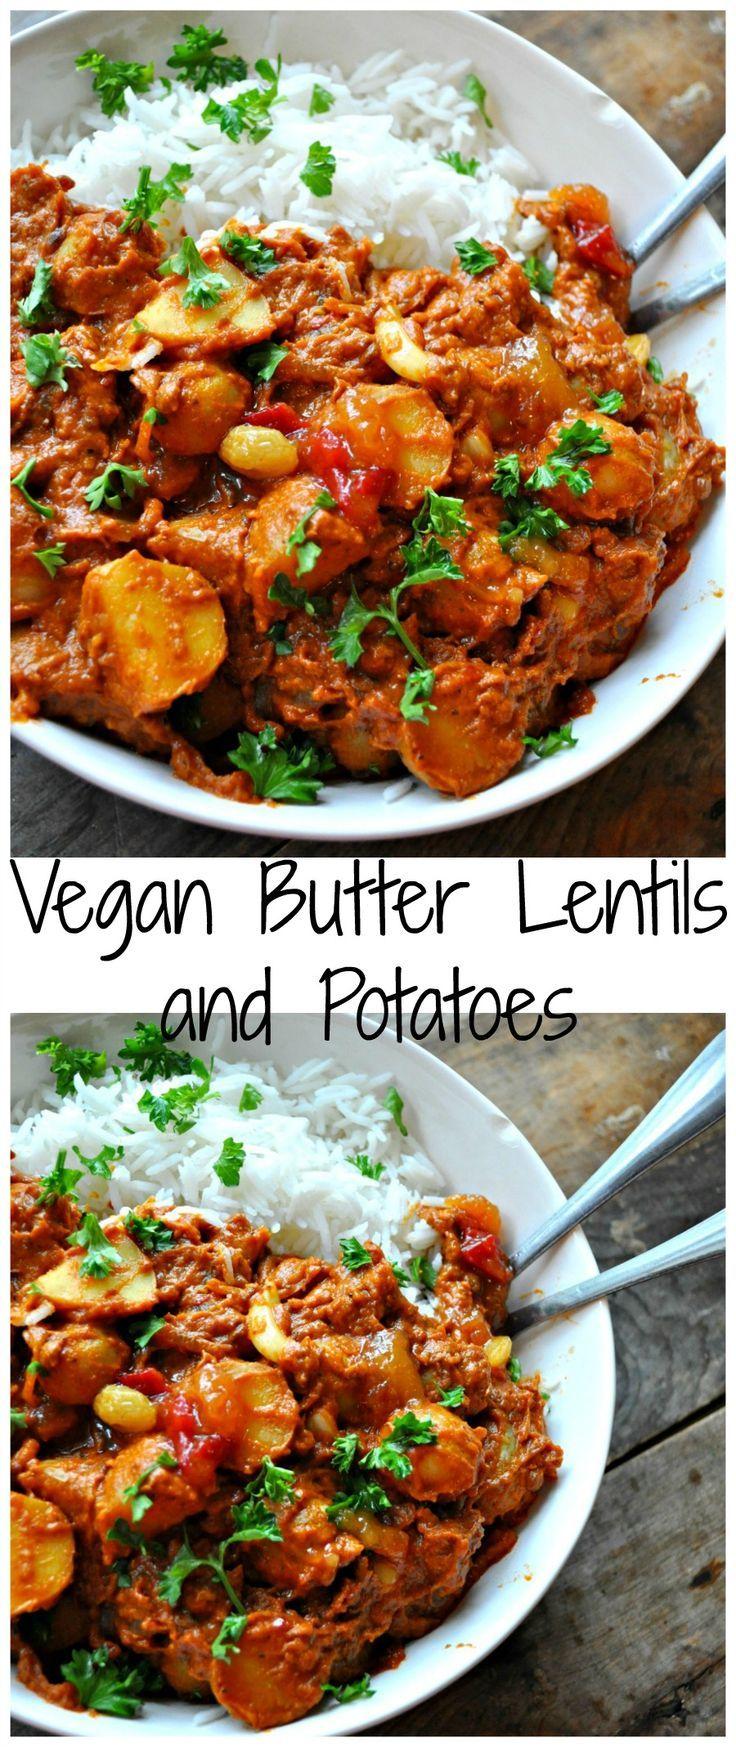 Vegan Butter Lentils and Potatoes Vegan Butter Lentils and Potatoes